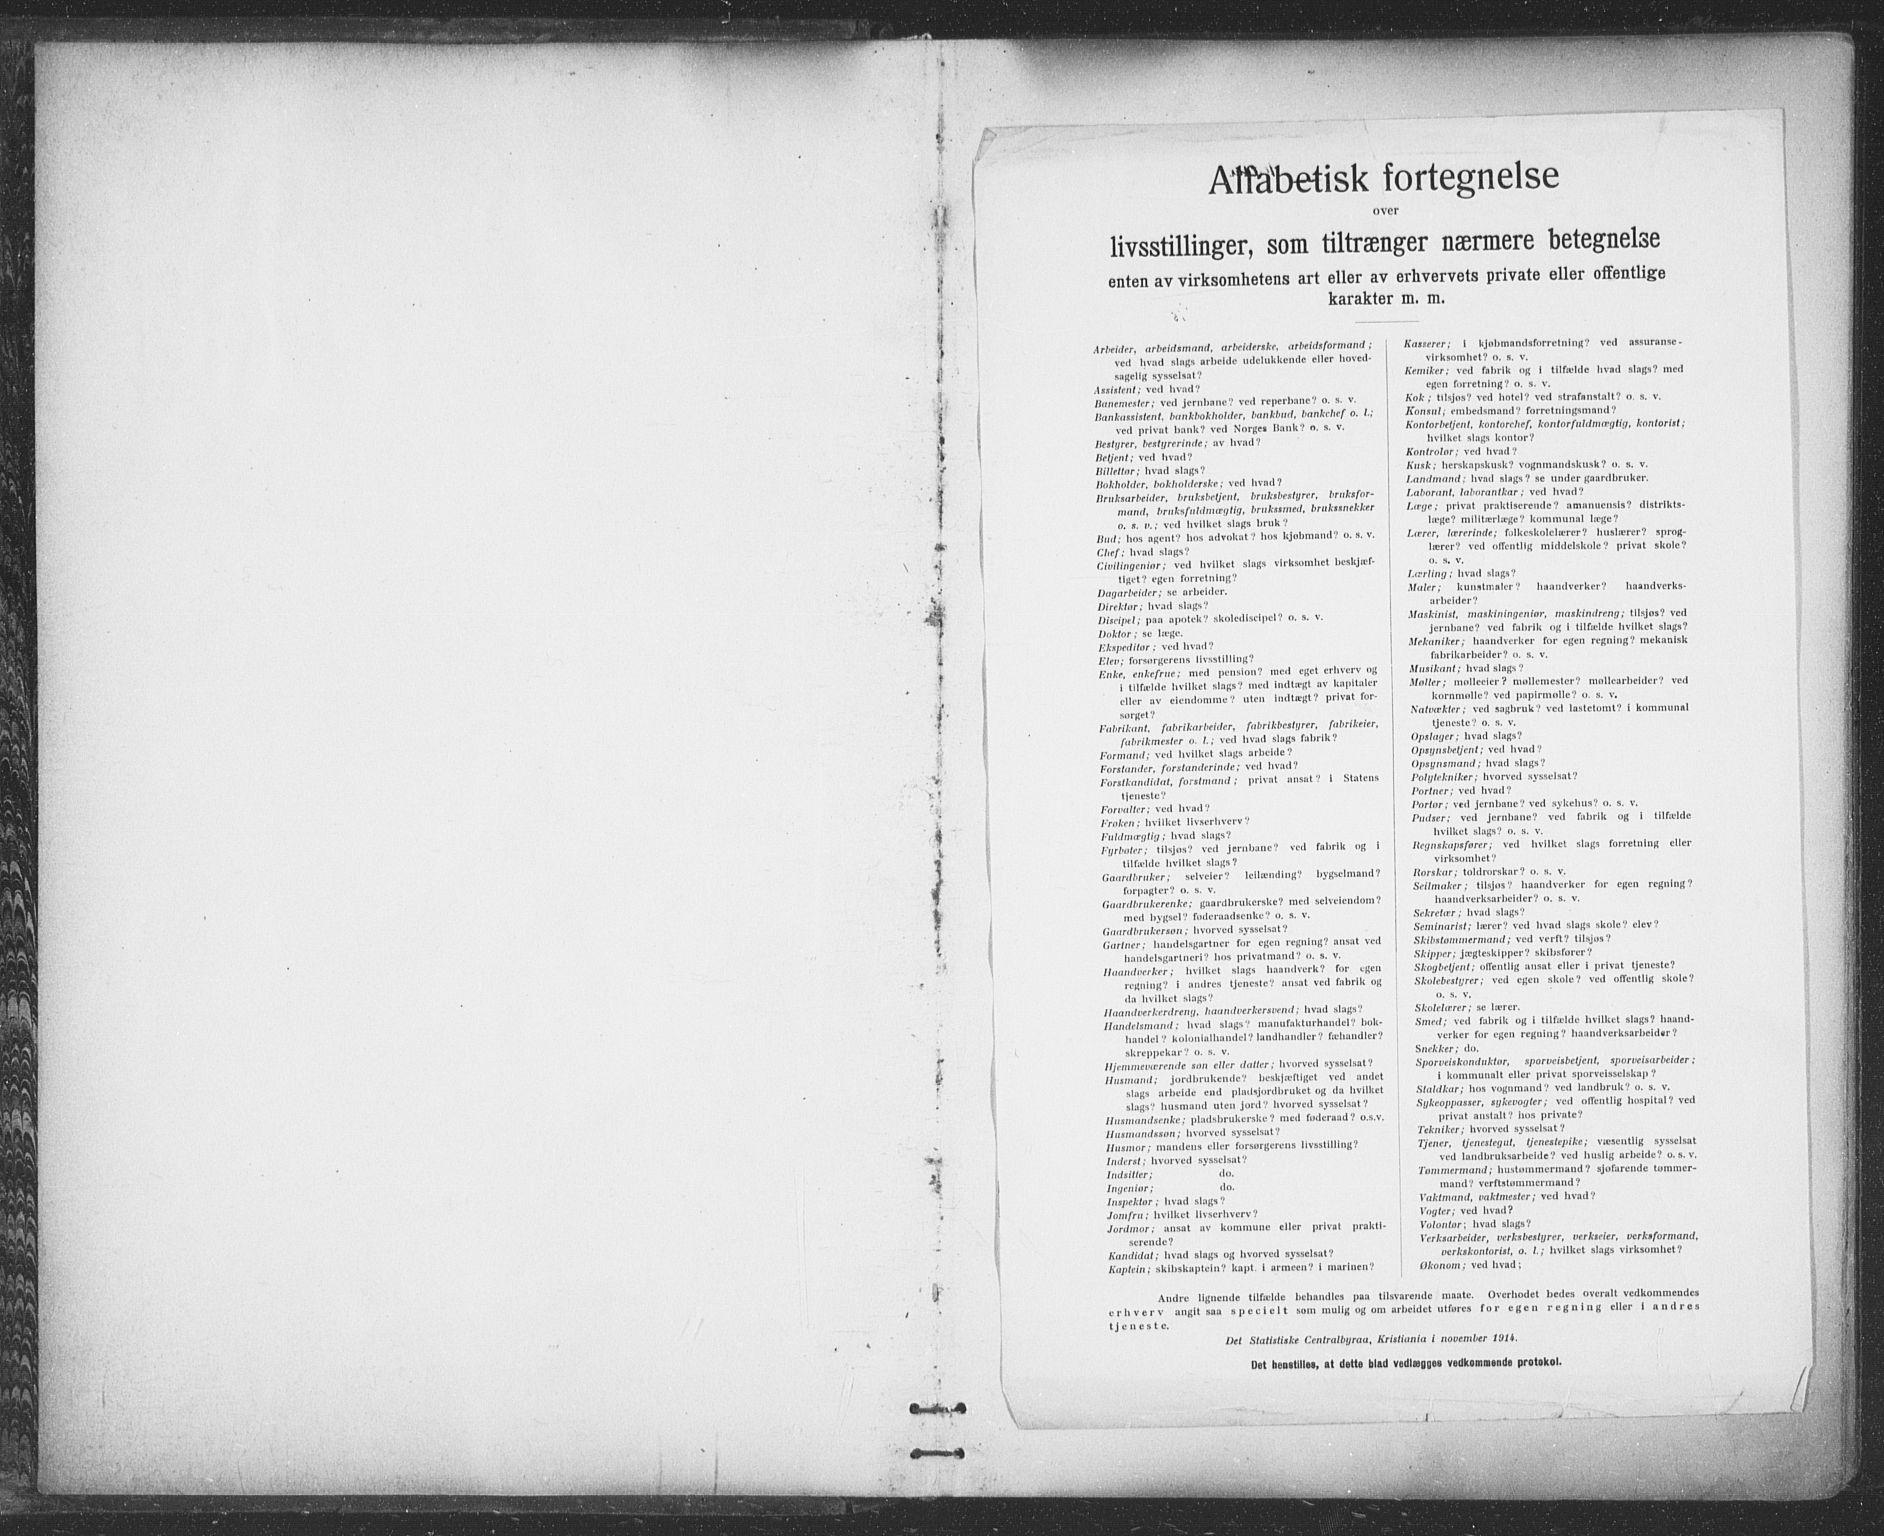 SAT, Ministerialprotokoller, klokkerbøker og fødselsregistre - Sør-Trøndelag, 623/L0470: Ministerialbok nr. 623A04, 1884-1938